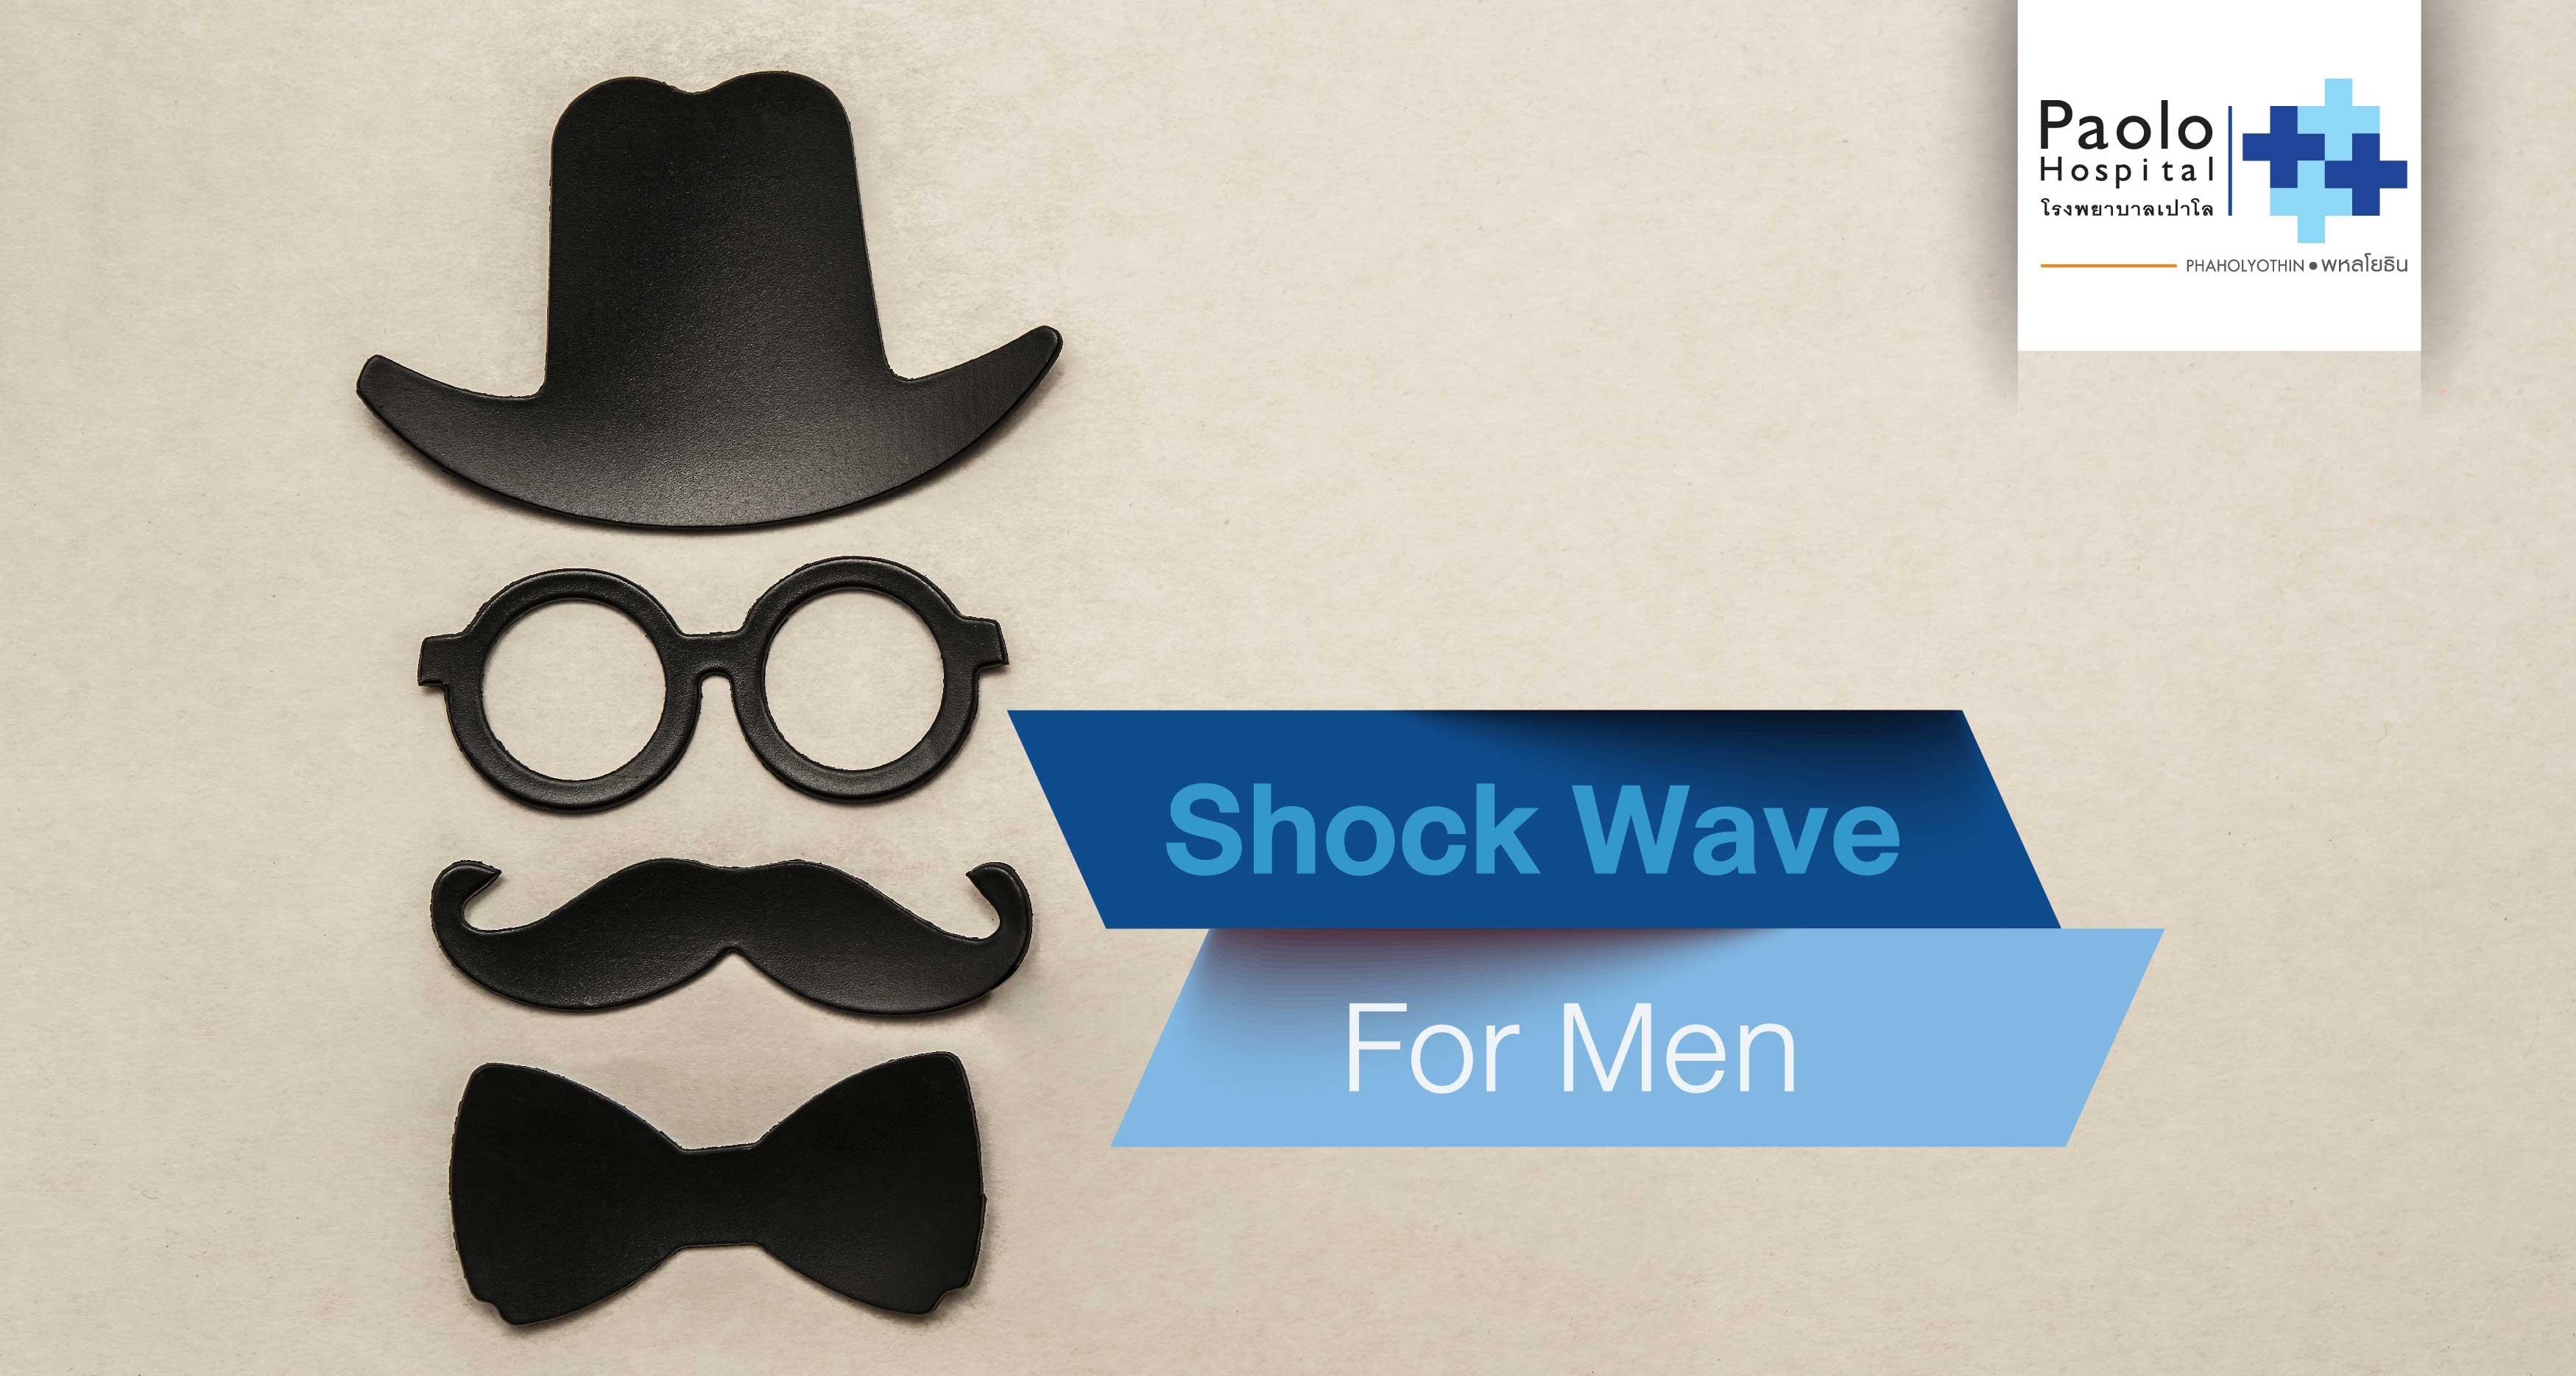 น้องชายไม่สู้ ทำอย่างไรดี? shockwave for men